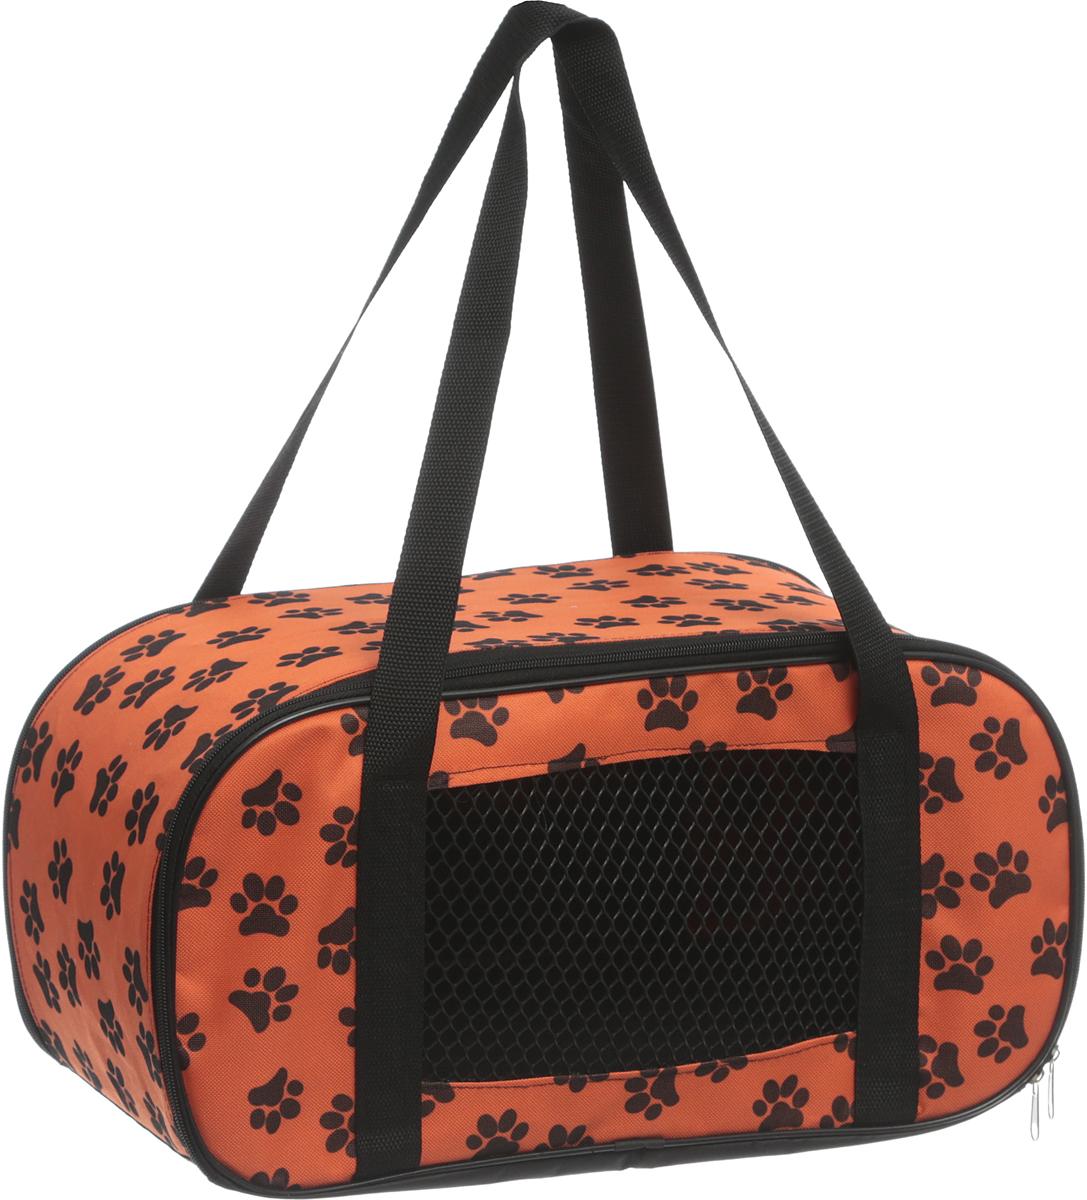 Сумка-переноска для животных Теремок, цвет: оранжевый, черный, 47 х 24 х 22 см игрушка для животных каскад удочка с микки маусом 47 см